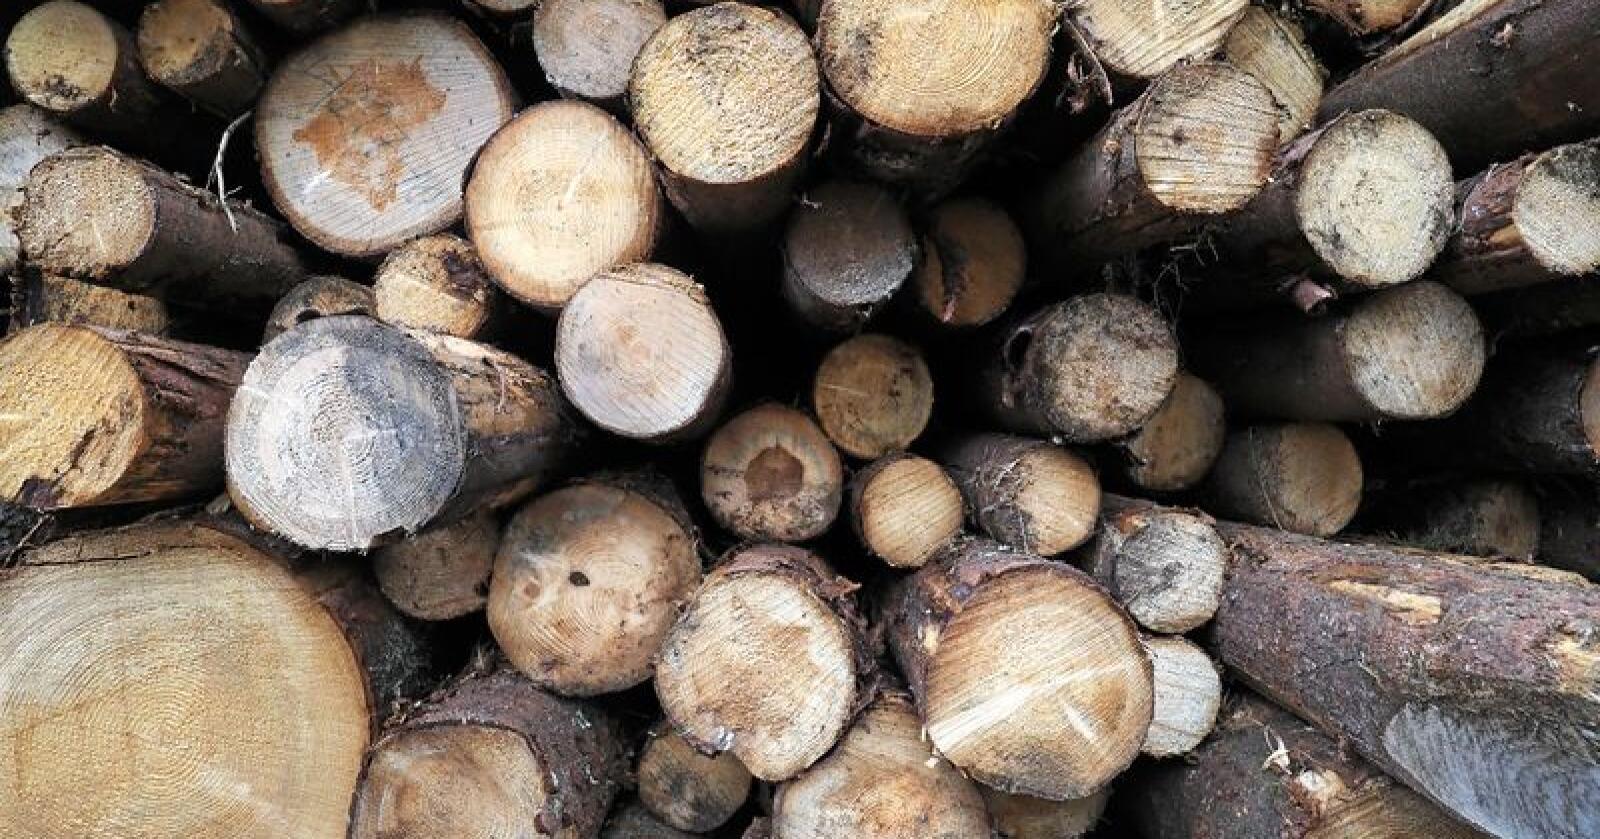 Det er beregna at rotkjuka ødelegger trevirke fra granproduksjonen for 100 millioner kroner i året. Foto: Siri Juell Rasmussen